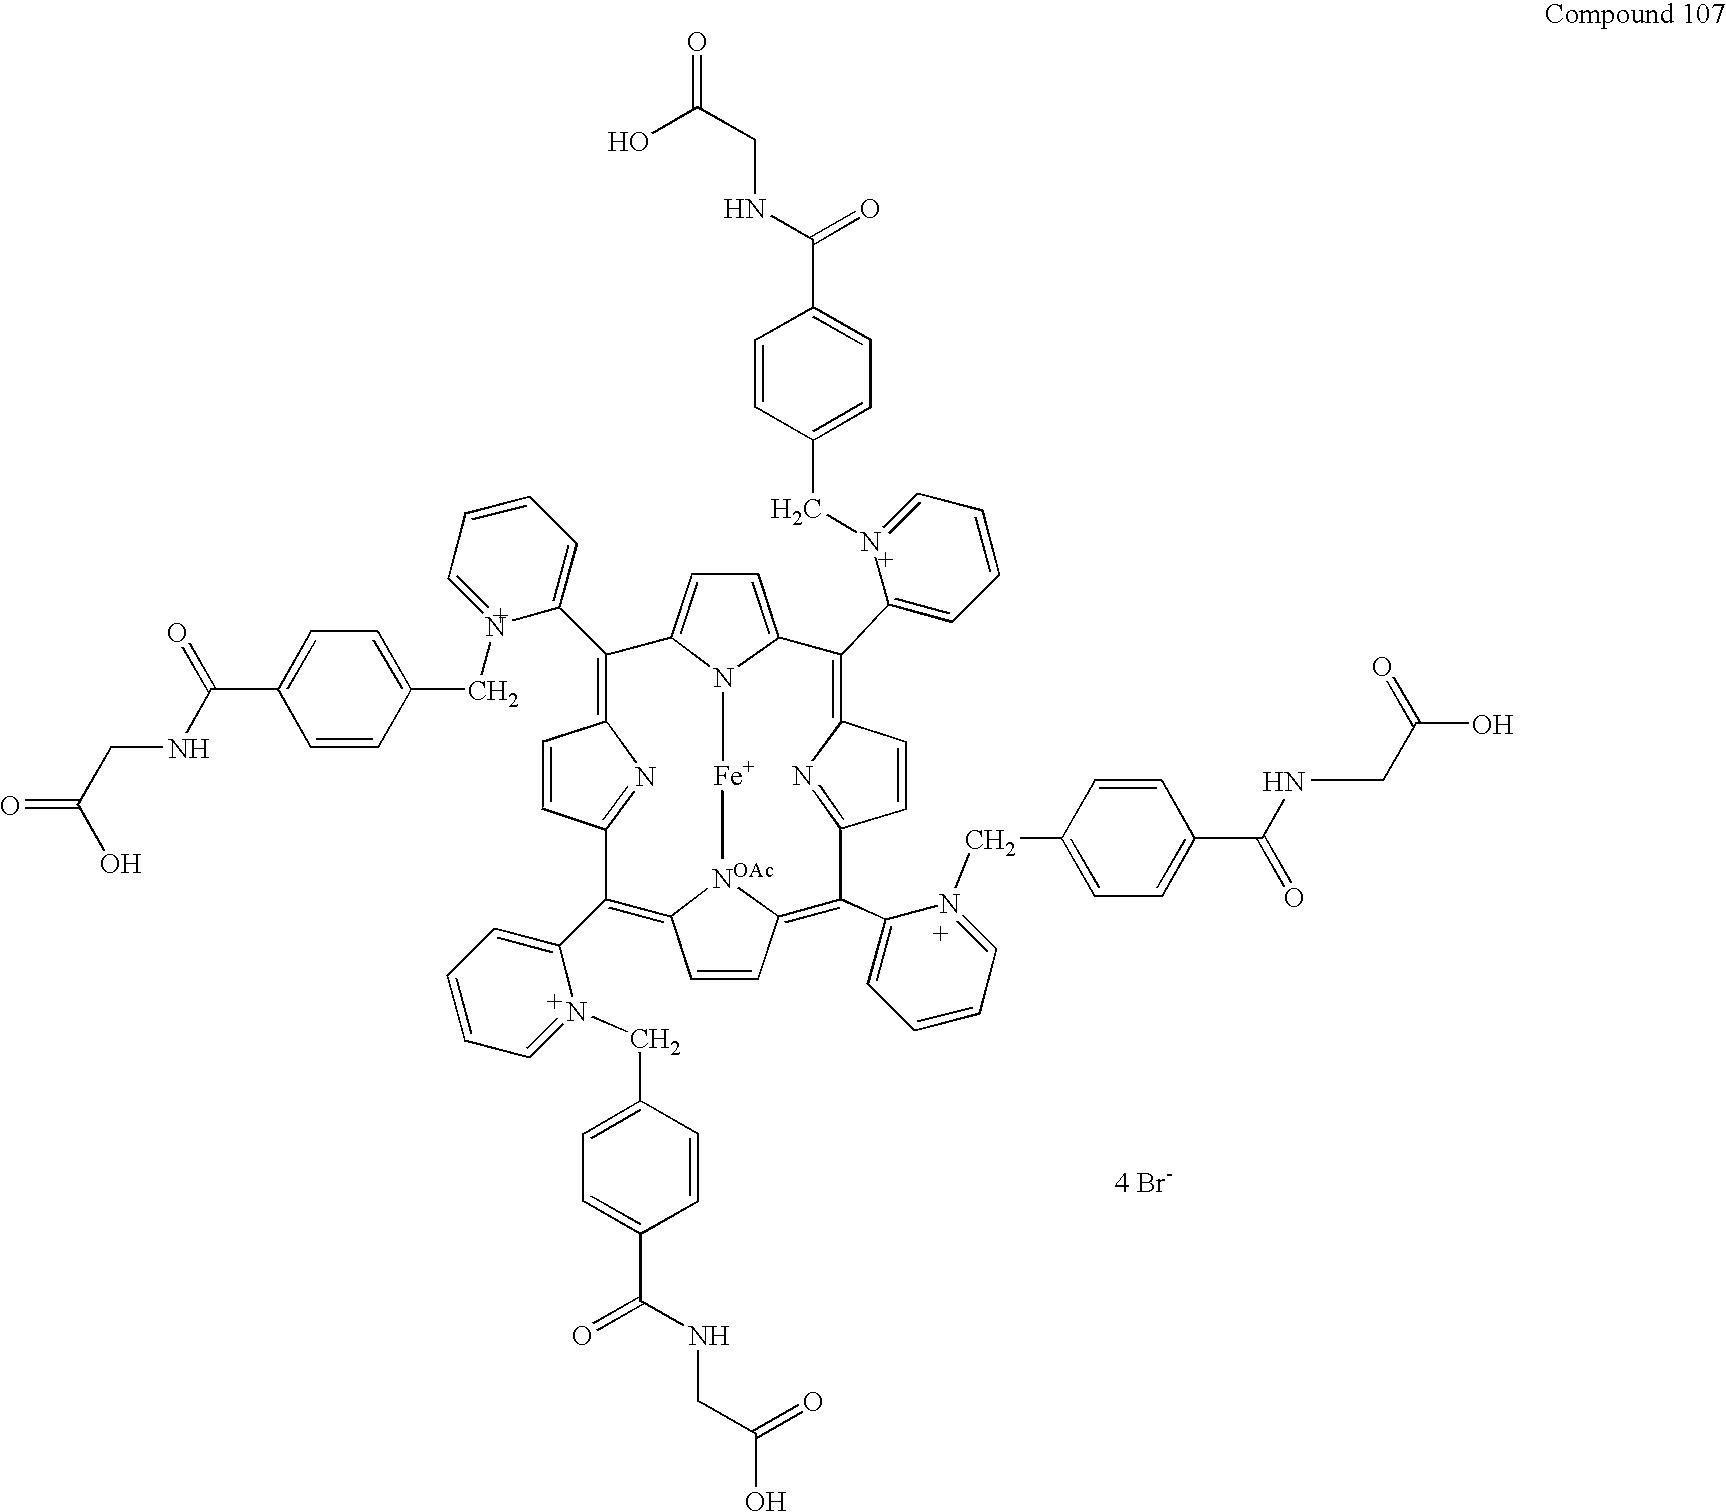 Figure US20070072825A1-20070329-C00040